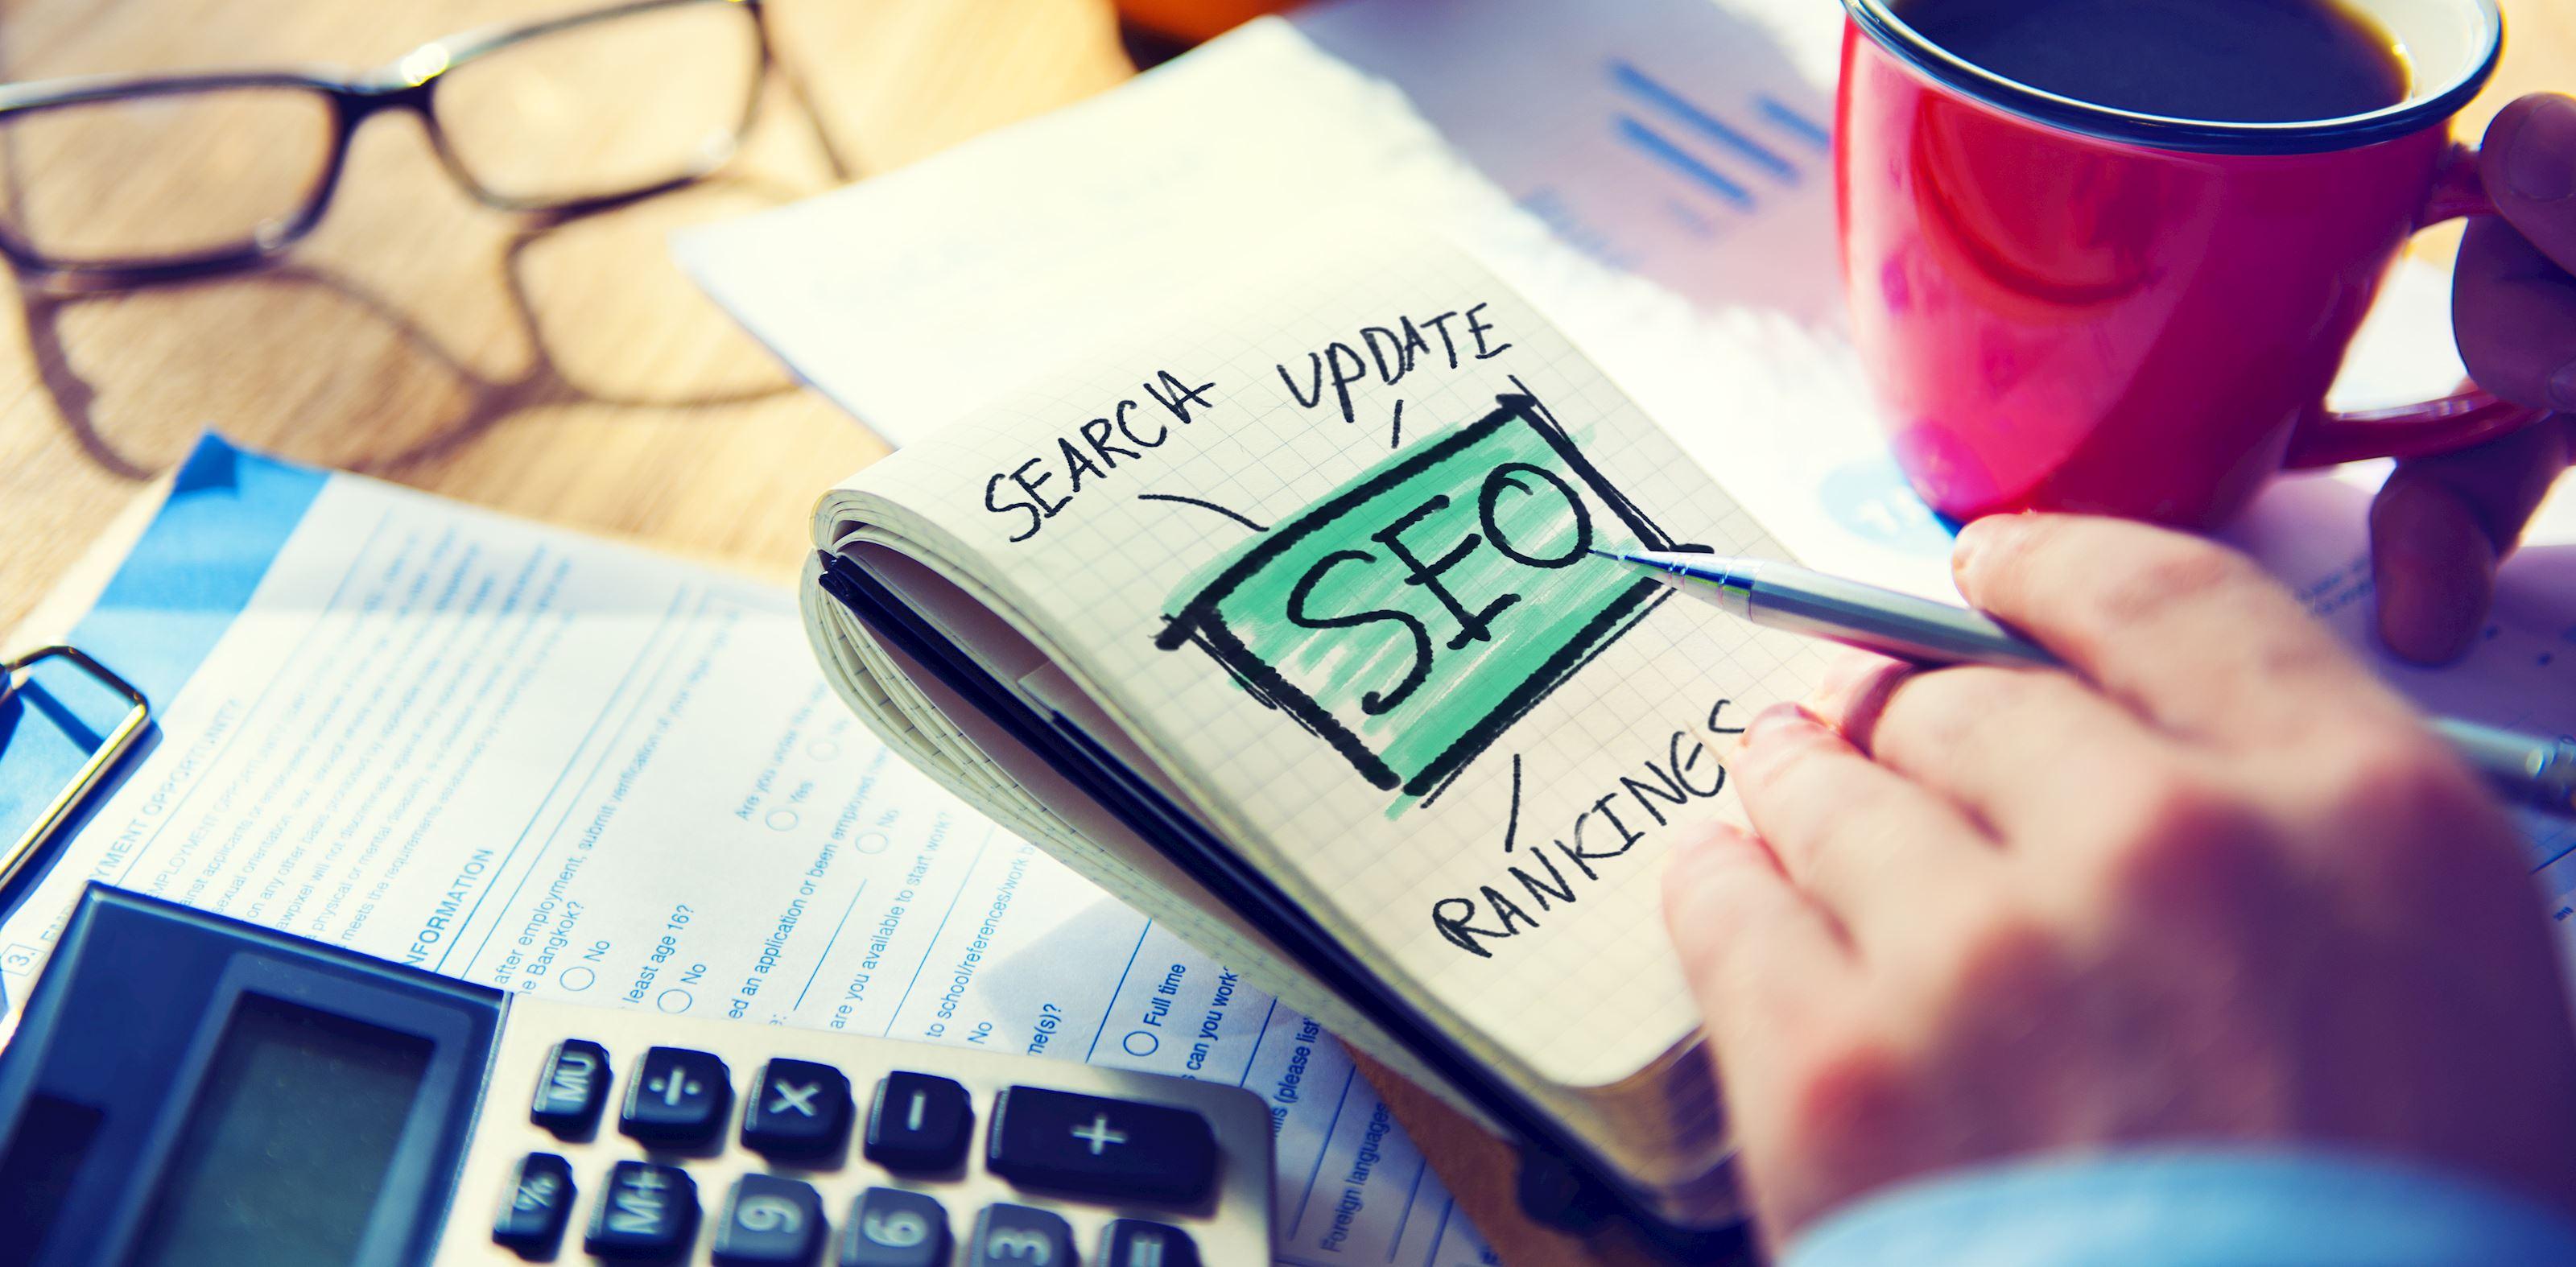 Chargé de trafic web et digital marketing